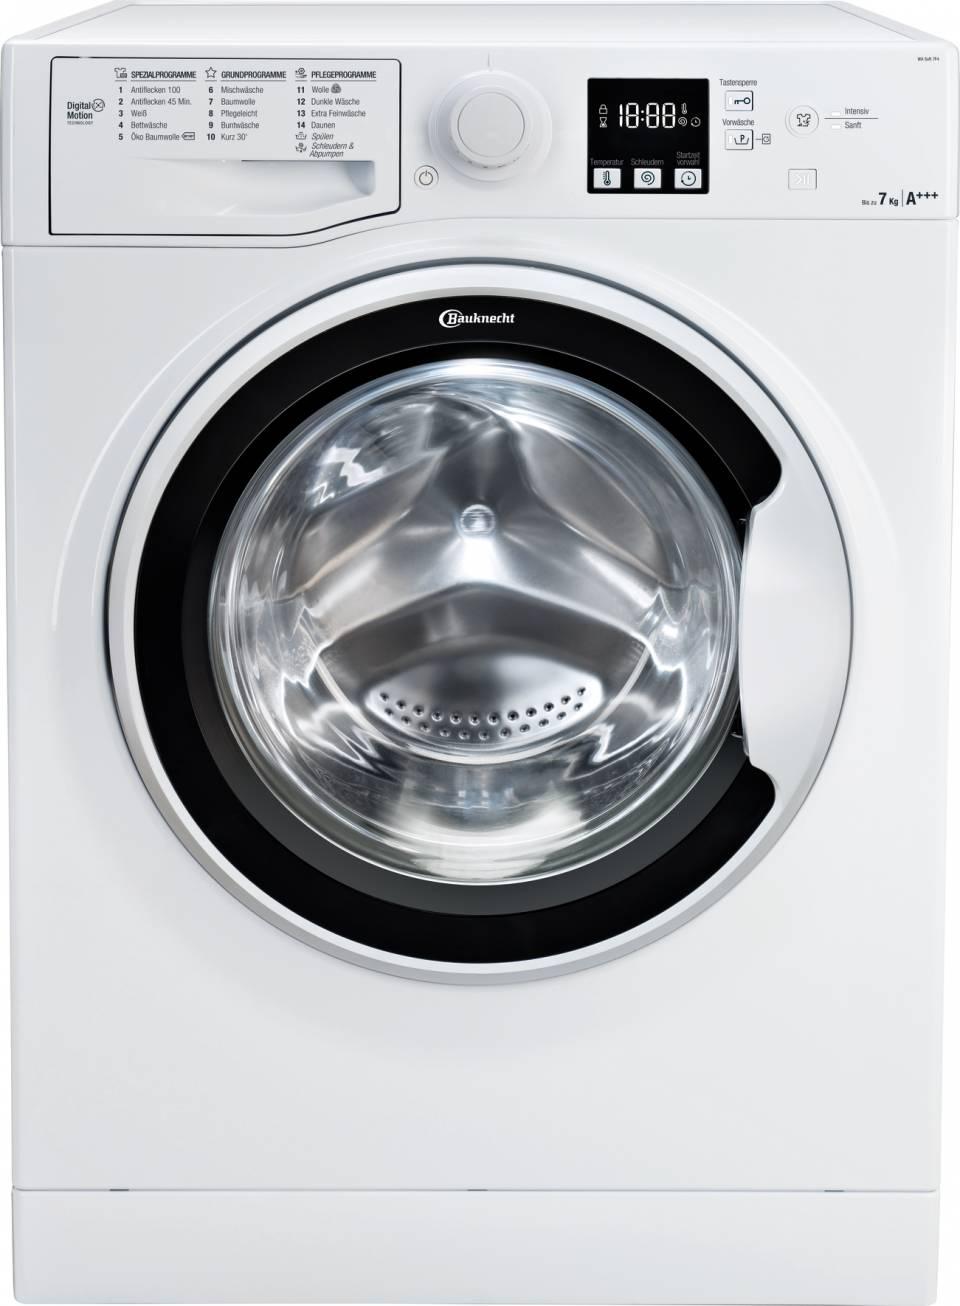 Bauknecht Waschmaschine BK 1000 WA Soft 7F4 mit Dynamic Inverter-Motor.